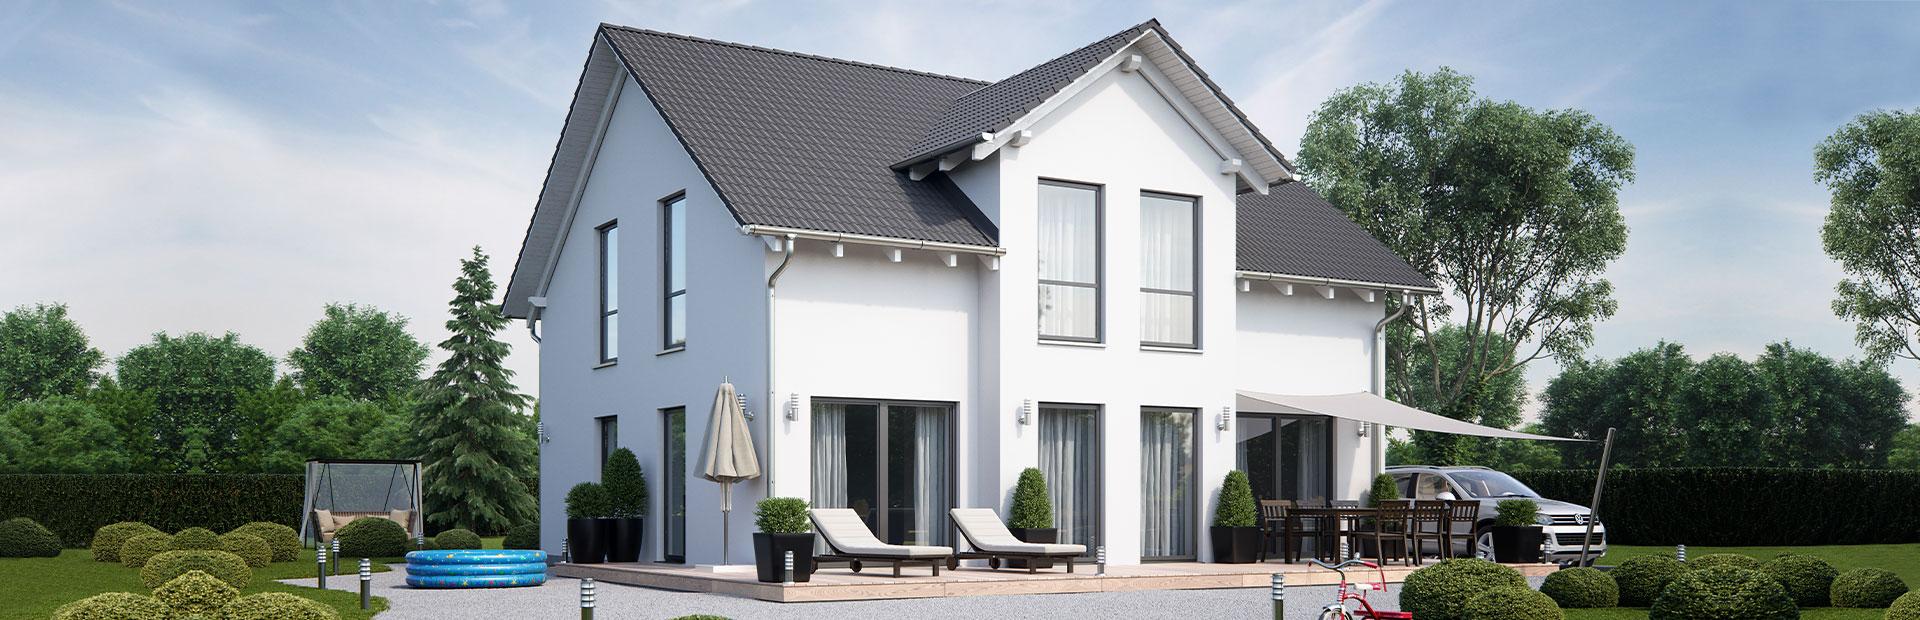 Einfamilienhaus mit Wohnkeller bauen